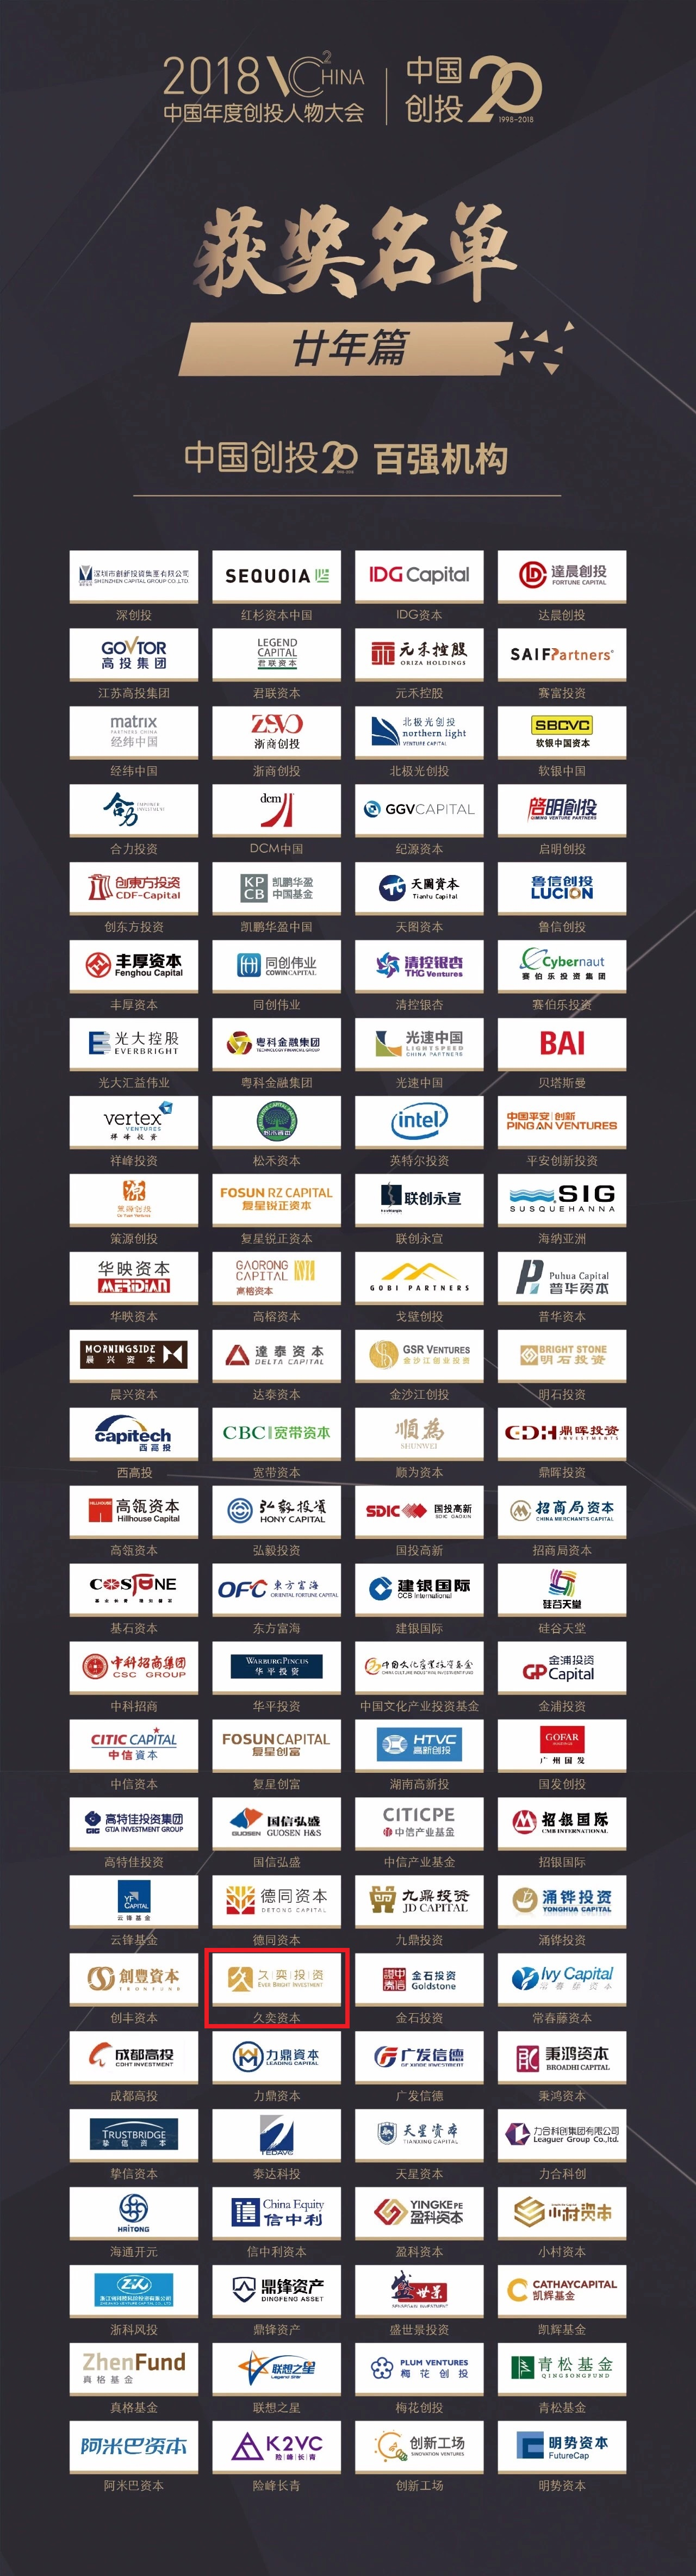 中国创投20年百强机构榜单.jpg